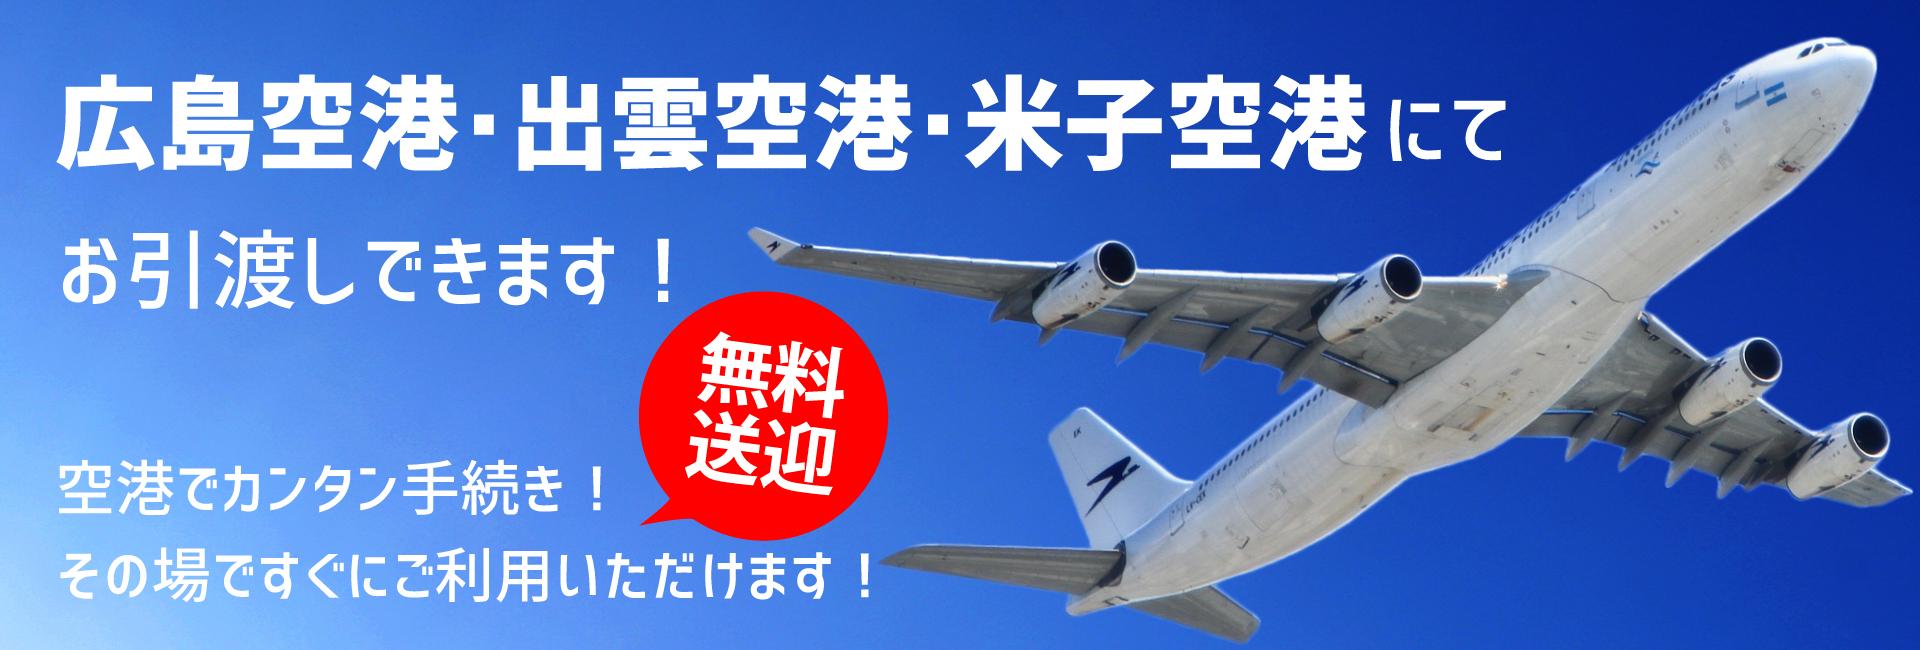 広島空港へレンタカーの送迎可能です